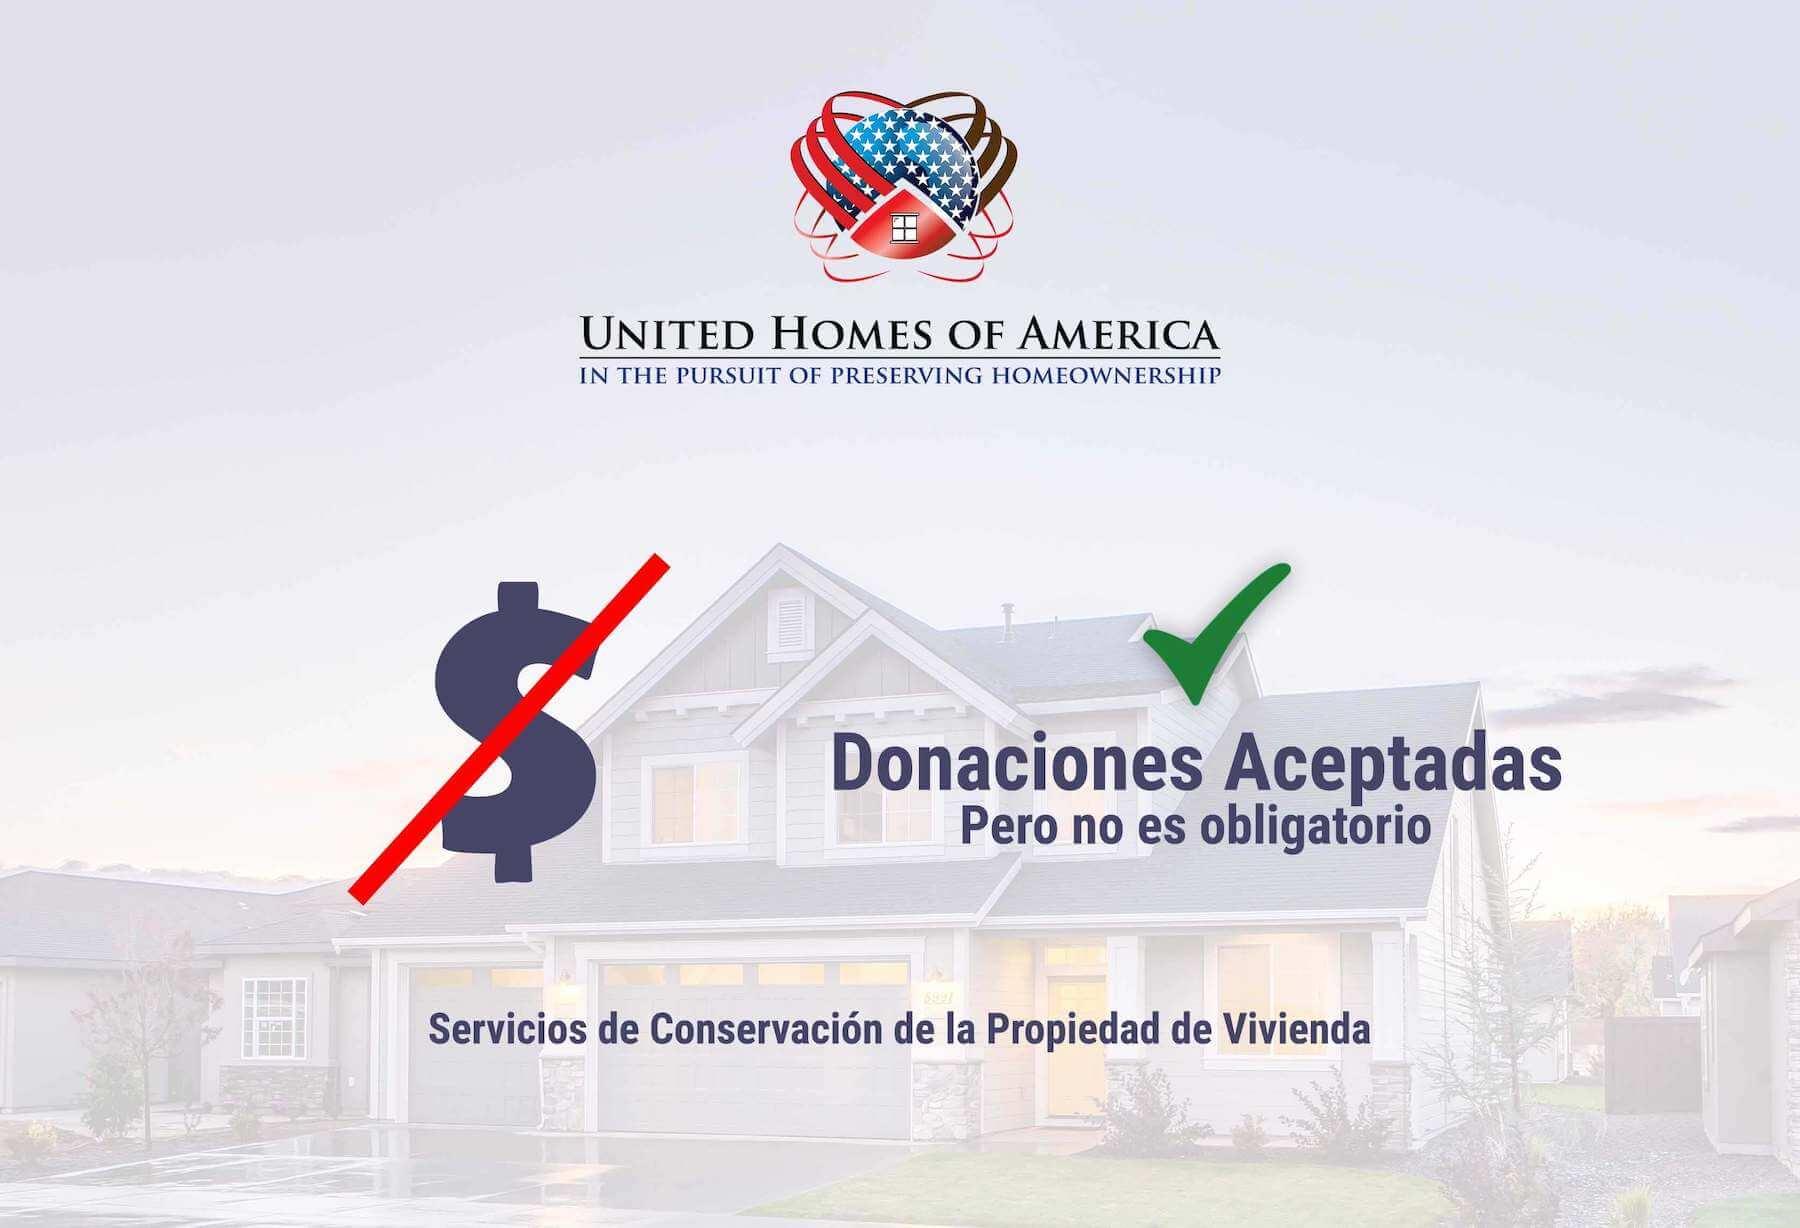 Servicios de conservación de la propiedad de vivienda de la UHA: se aceptan donaciones pero no se requieren